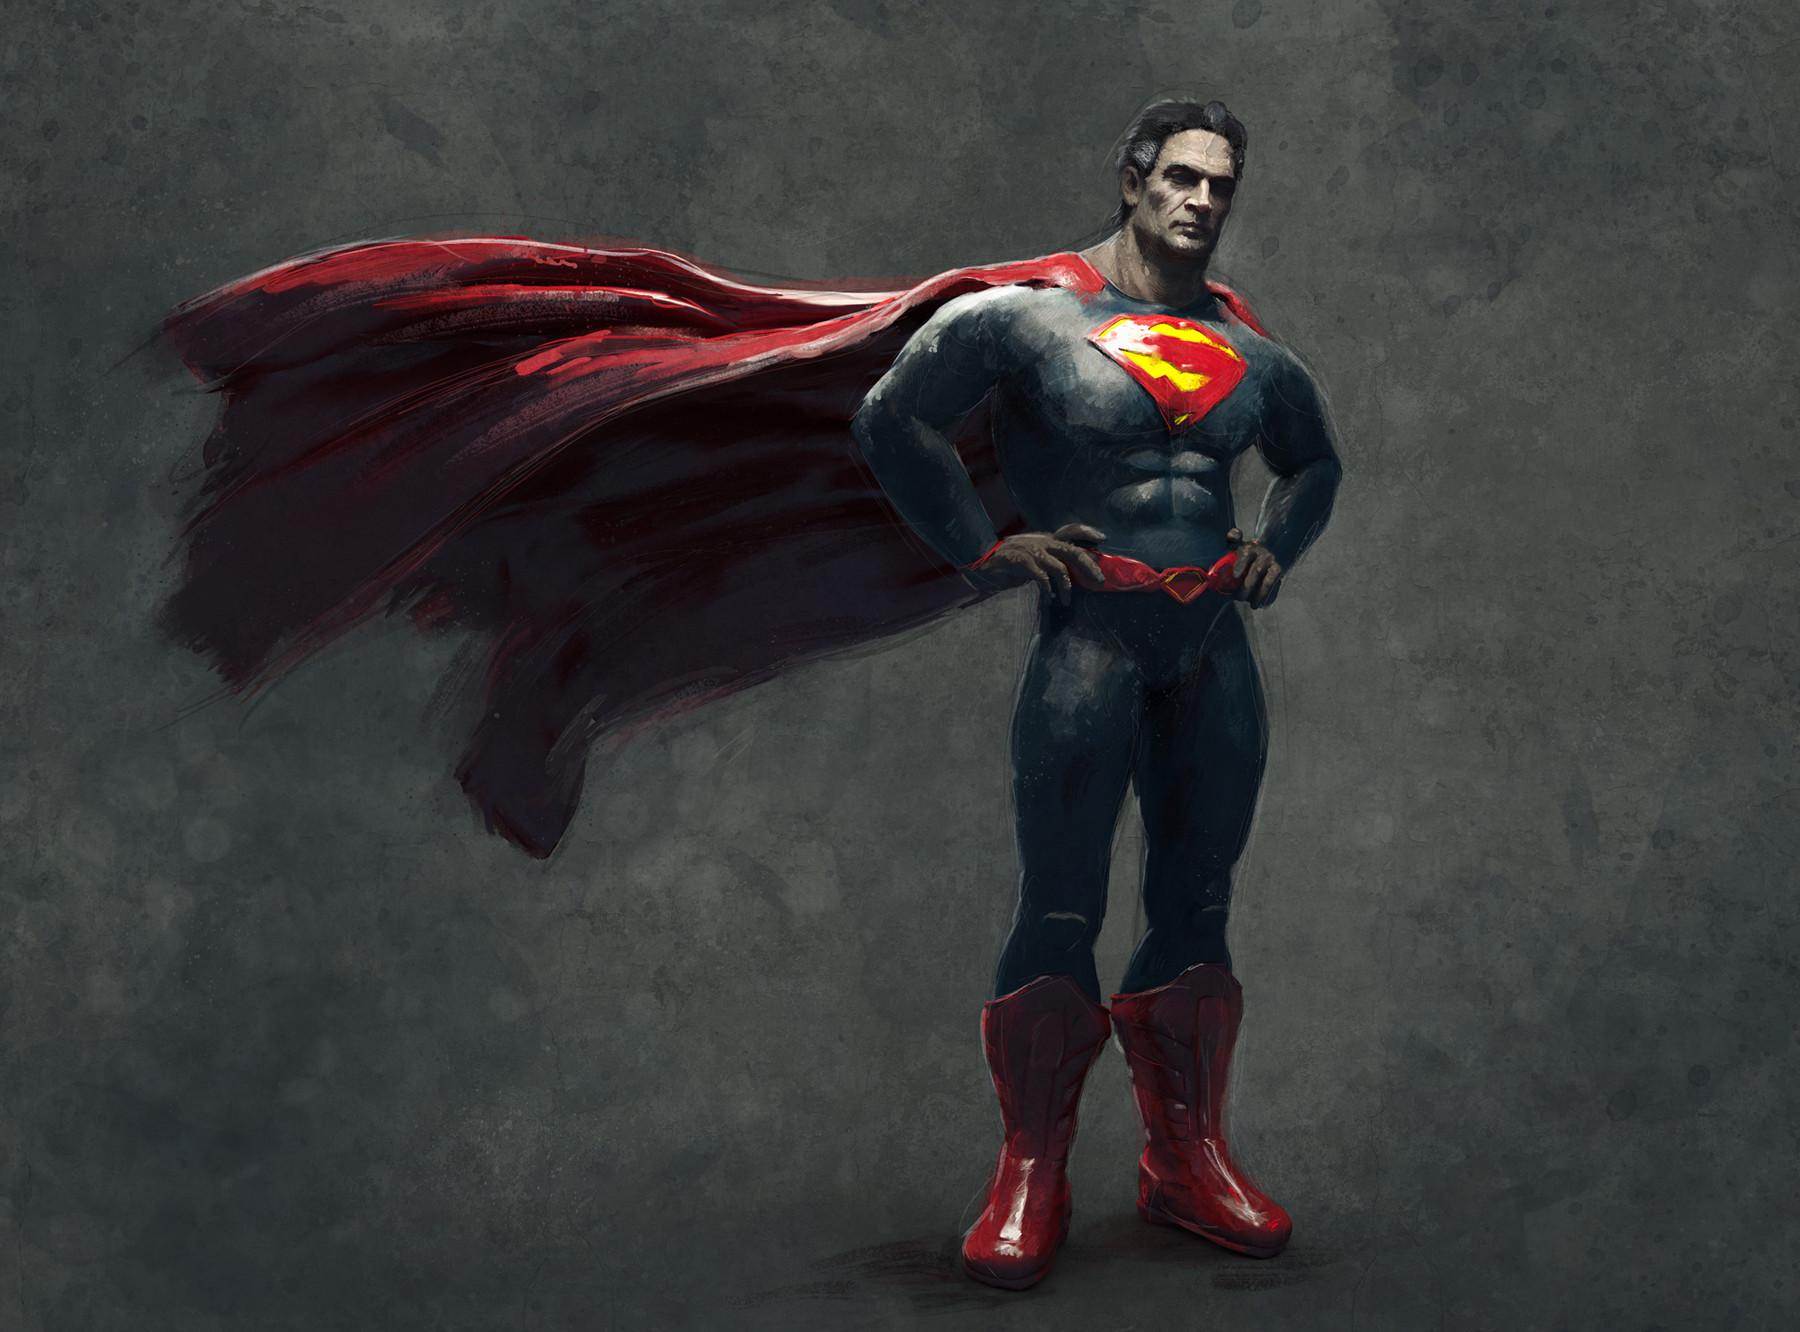 Guillem h pongiluppi guillemhp superman 3